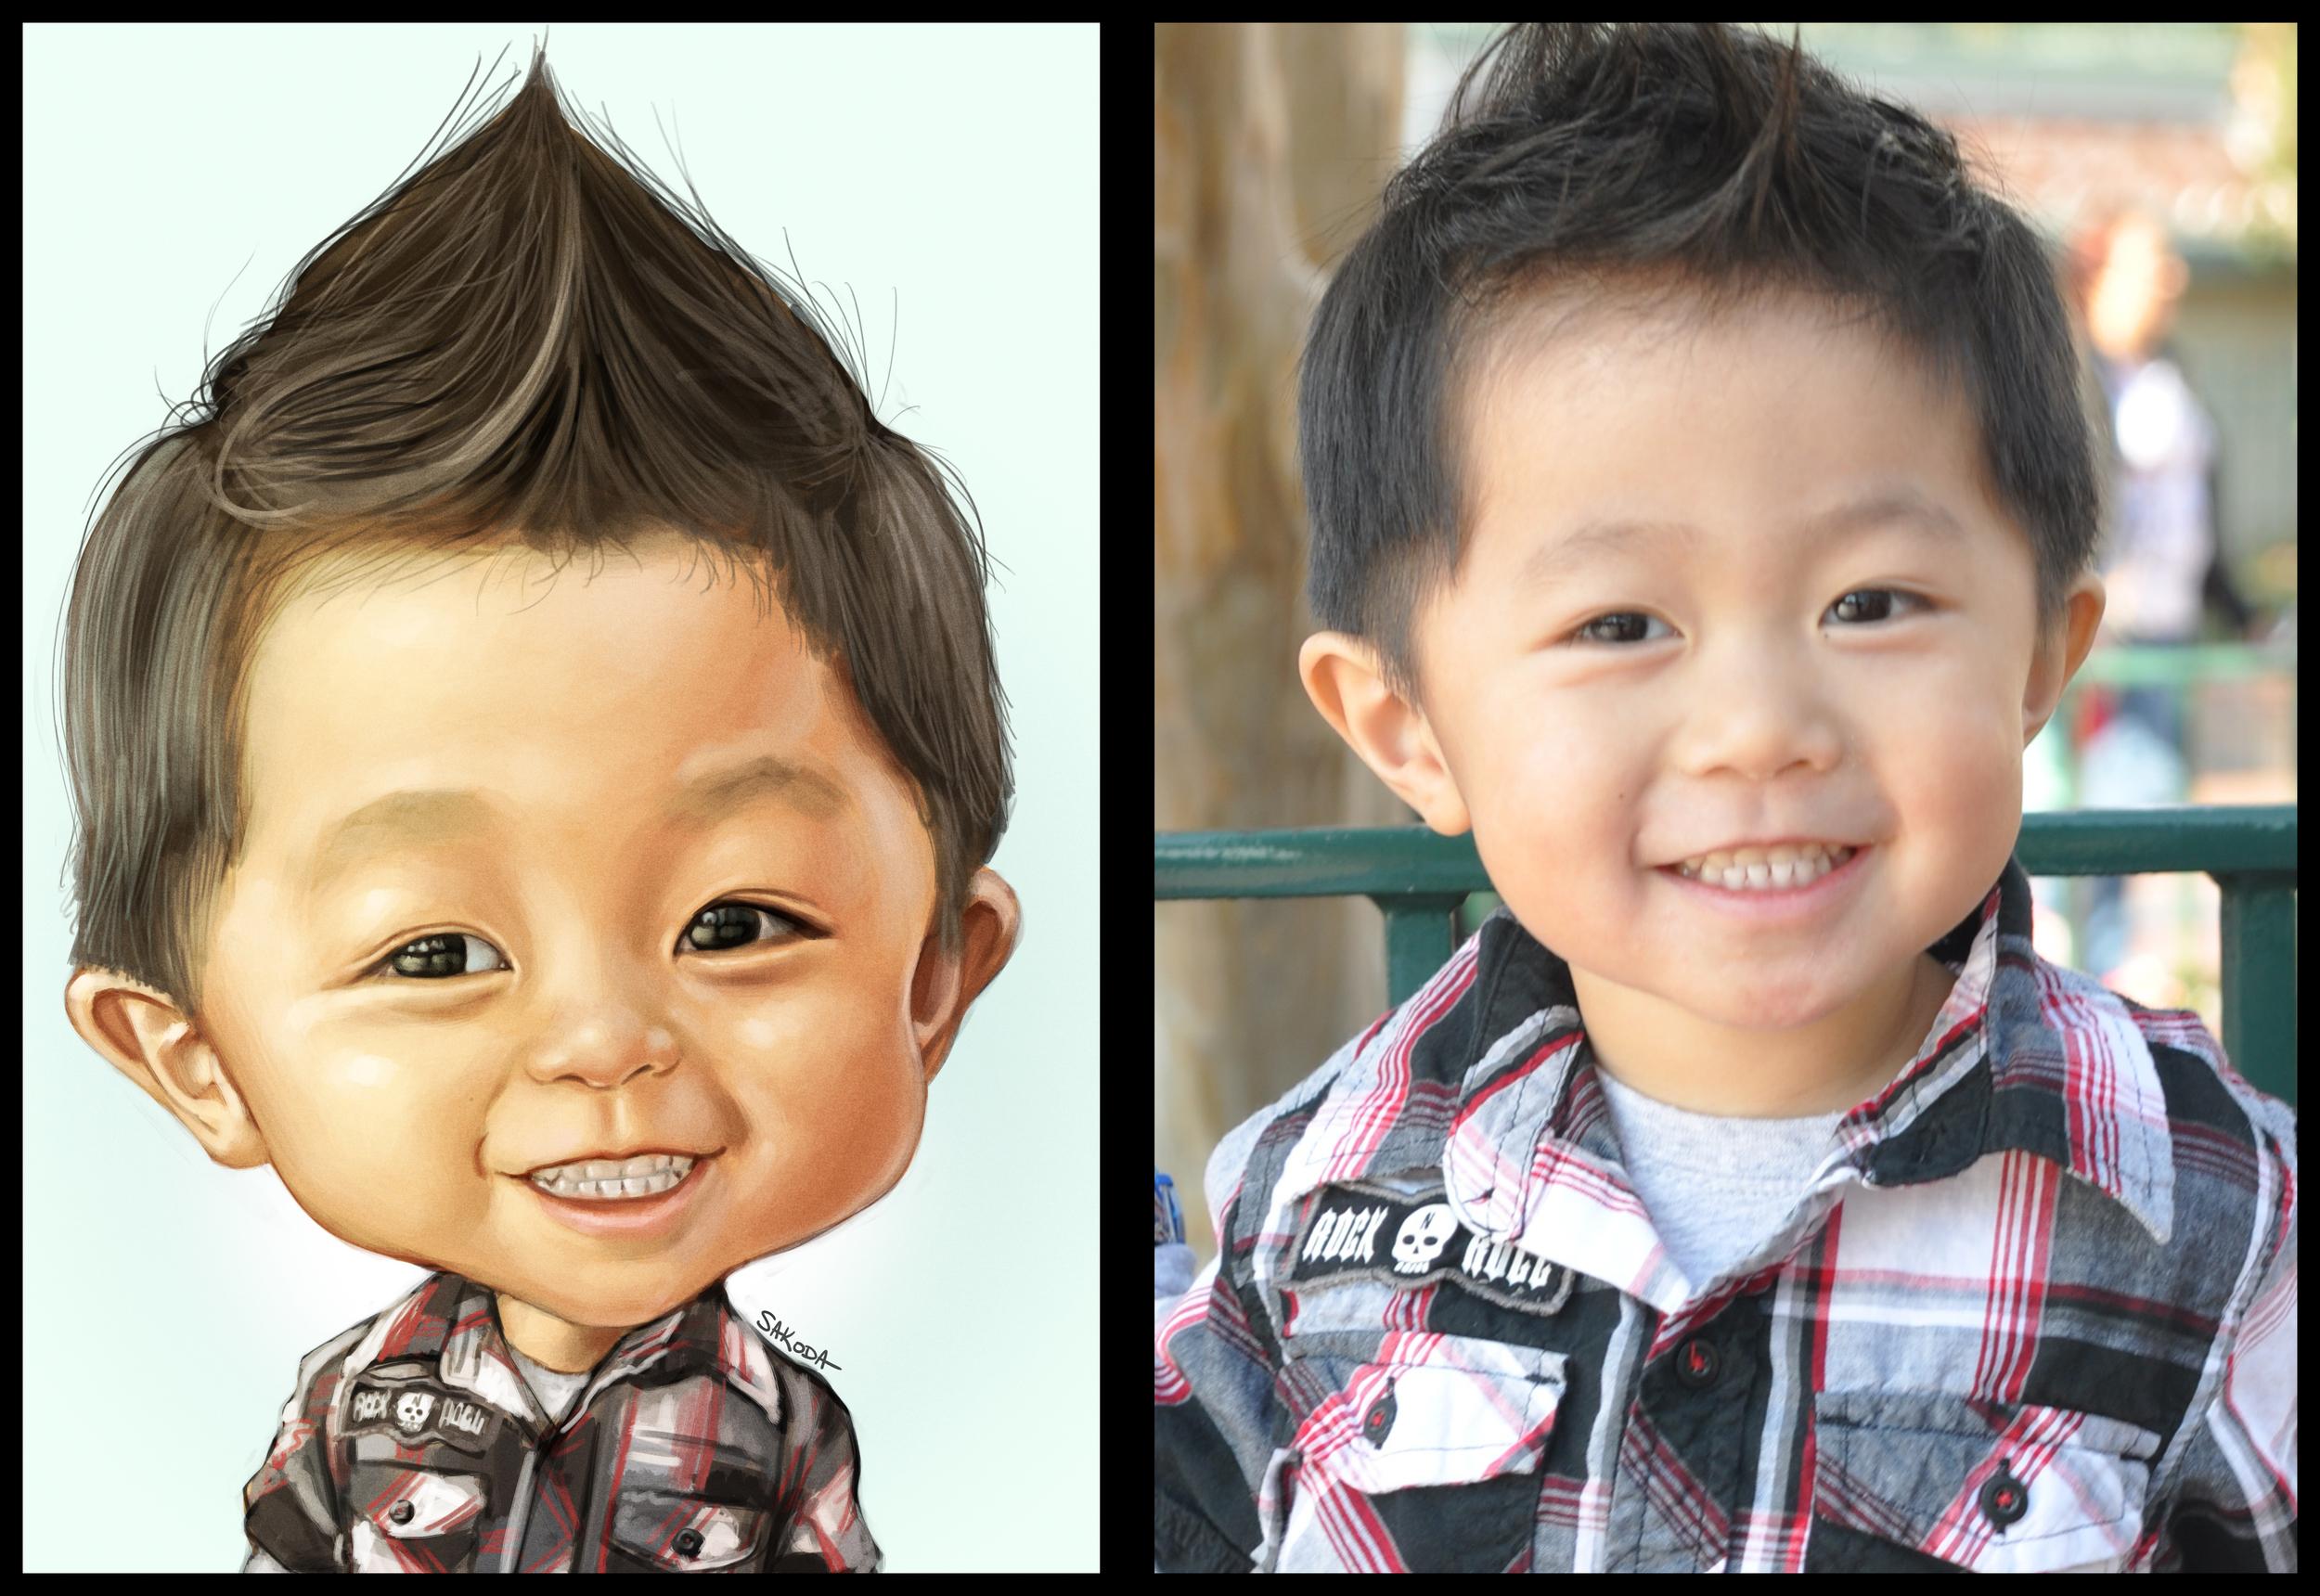 mark son side by side.jpg